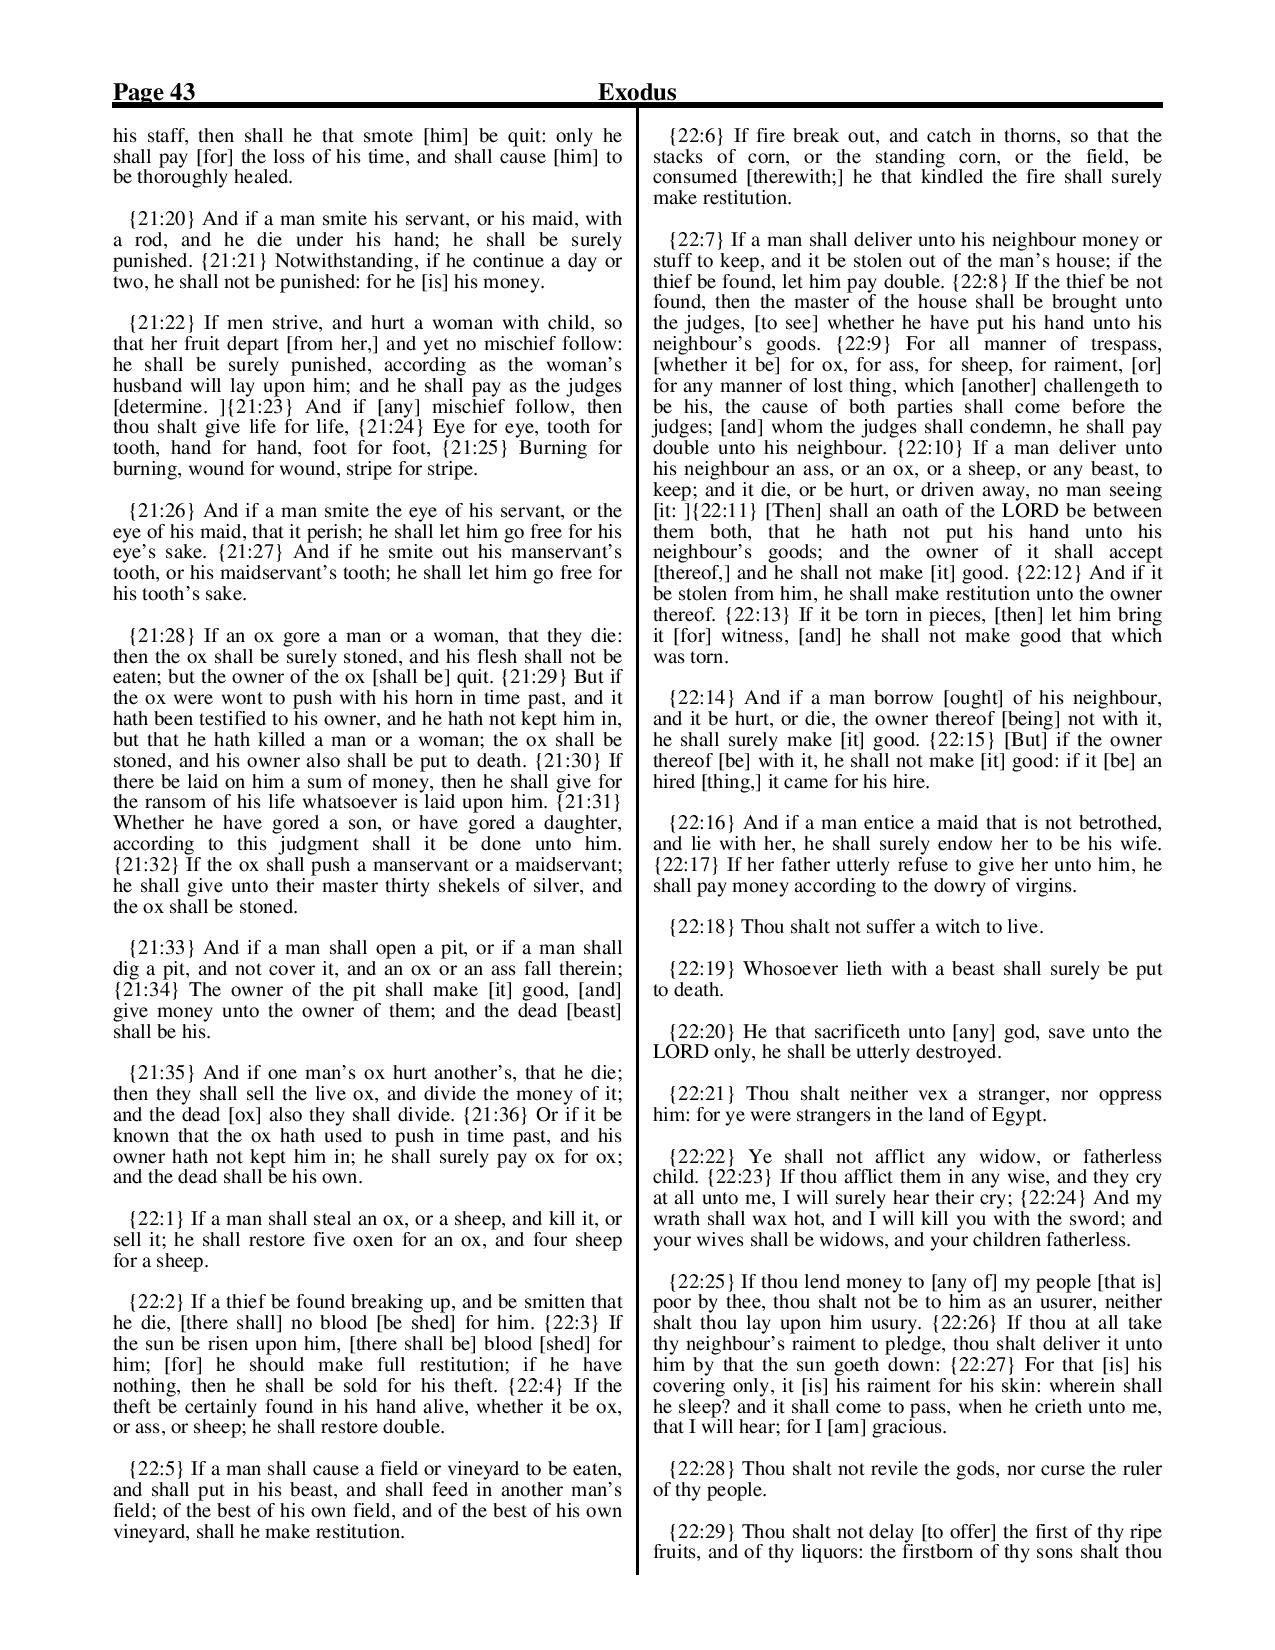 King-James-Bible-KJV-Bible-PDF-page-064